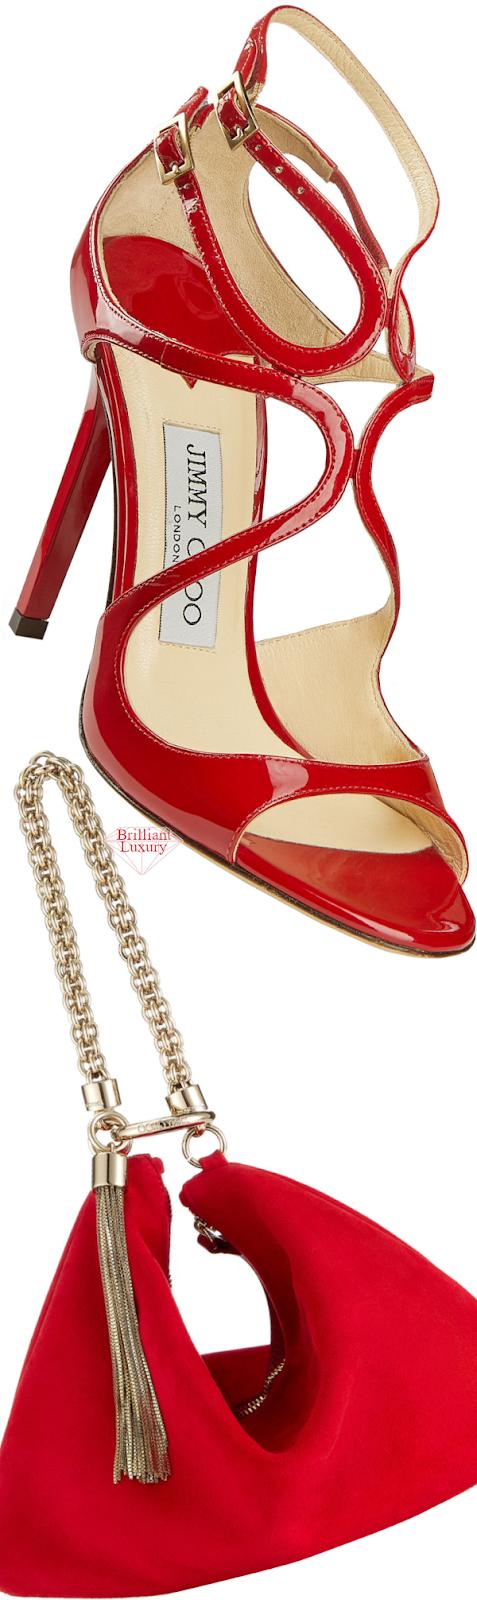 Jimmy Choo Red Lang Sandals & Red Callie Bag #brilliantluxury